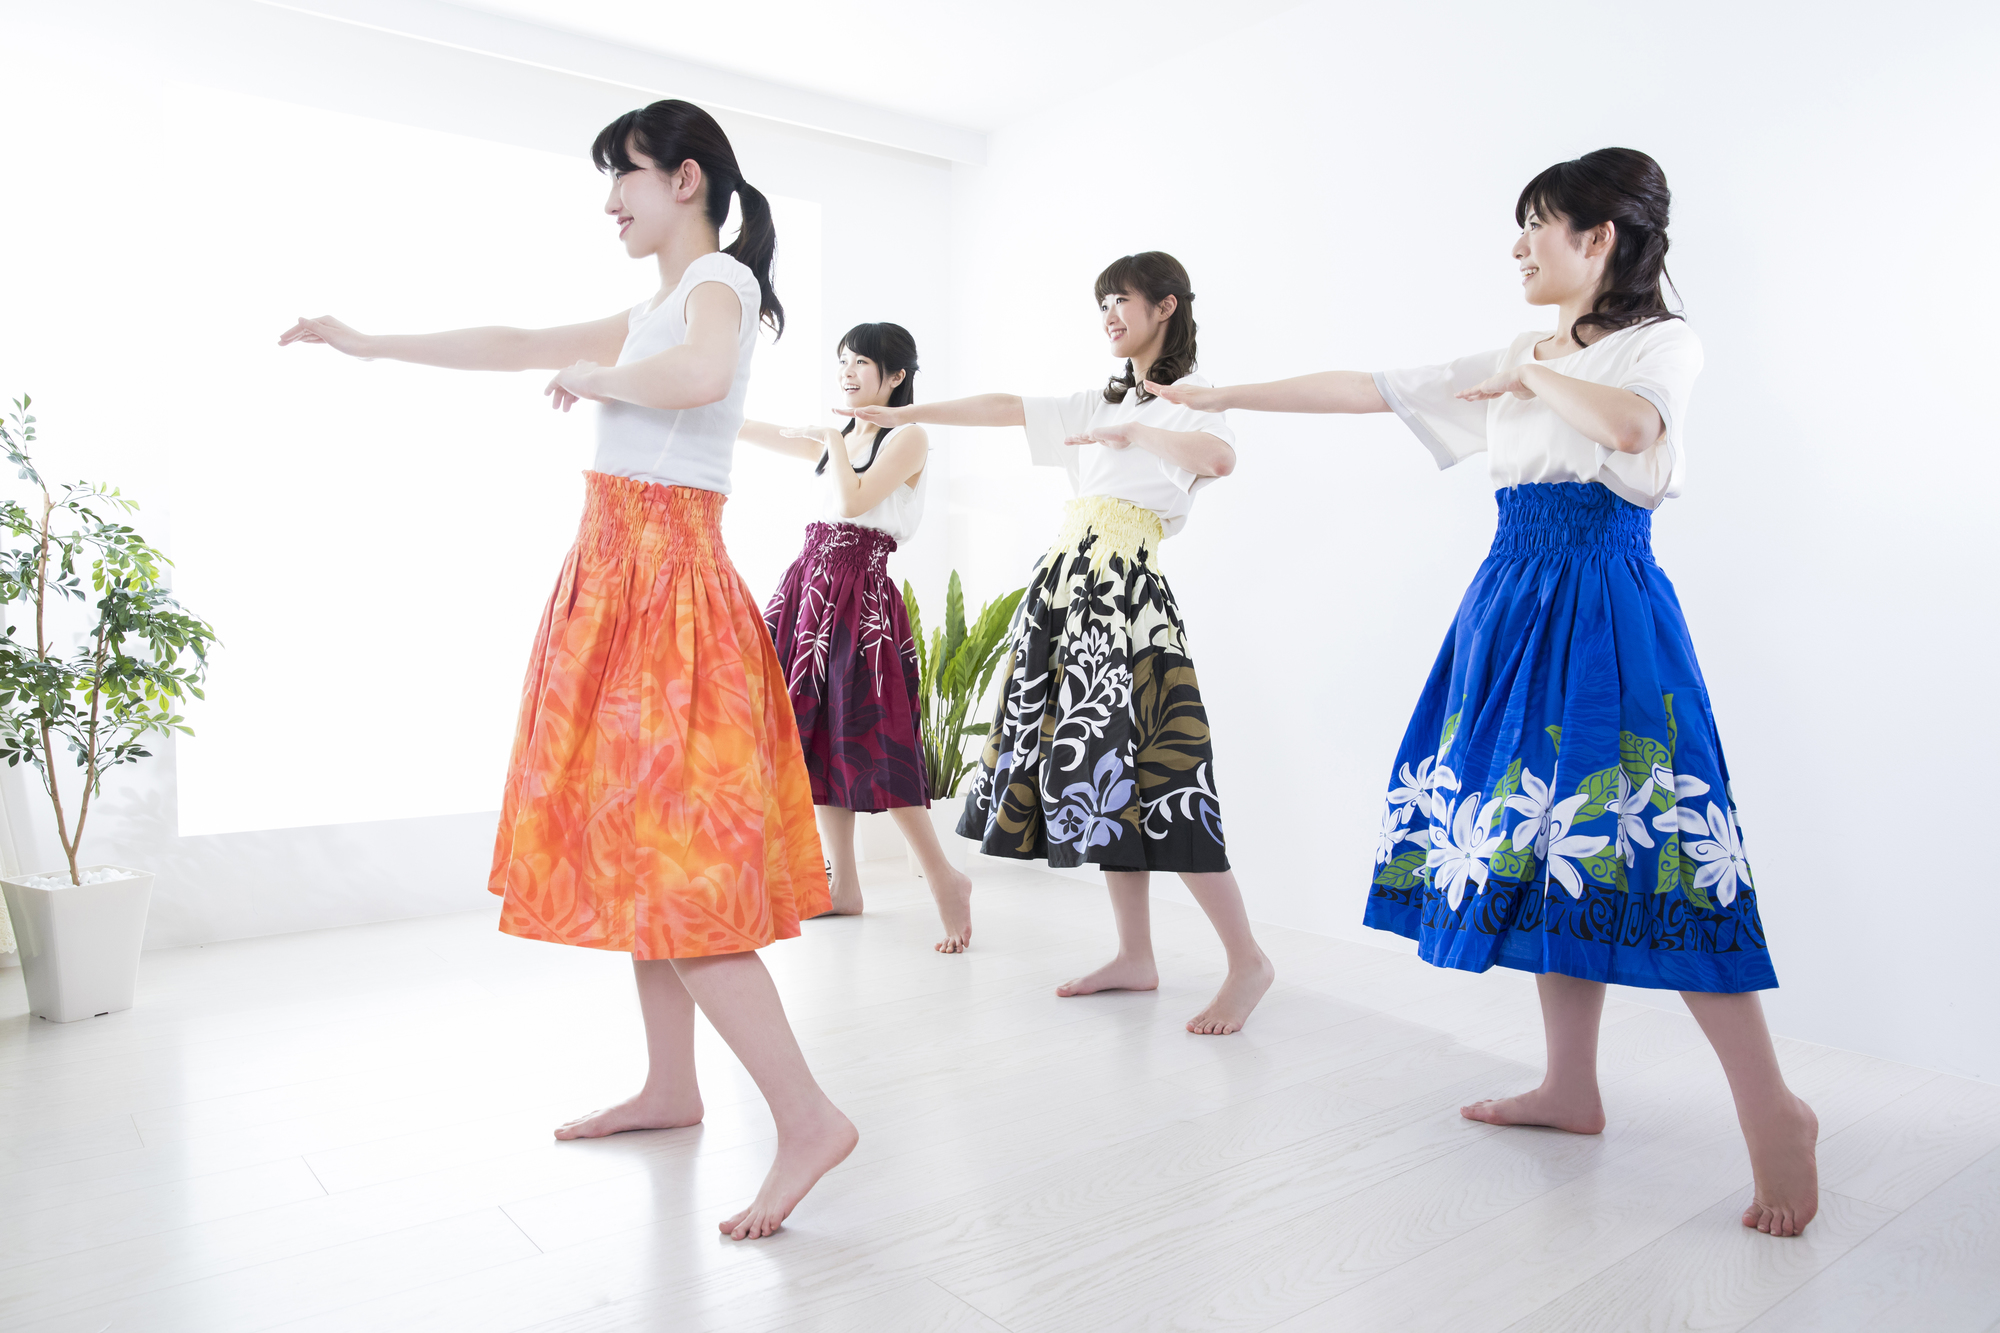 練馬区のダンス